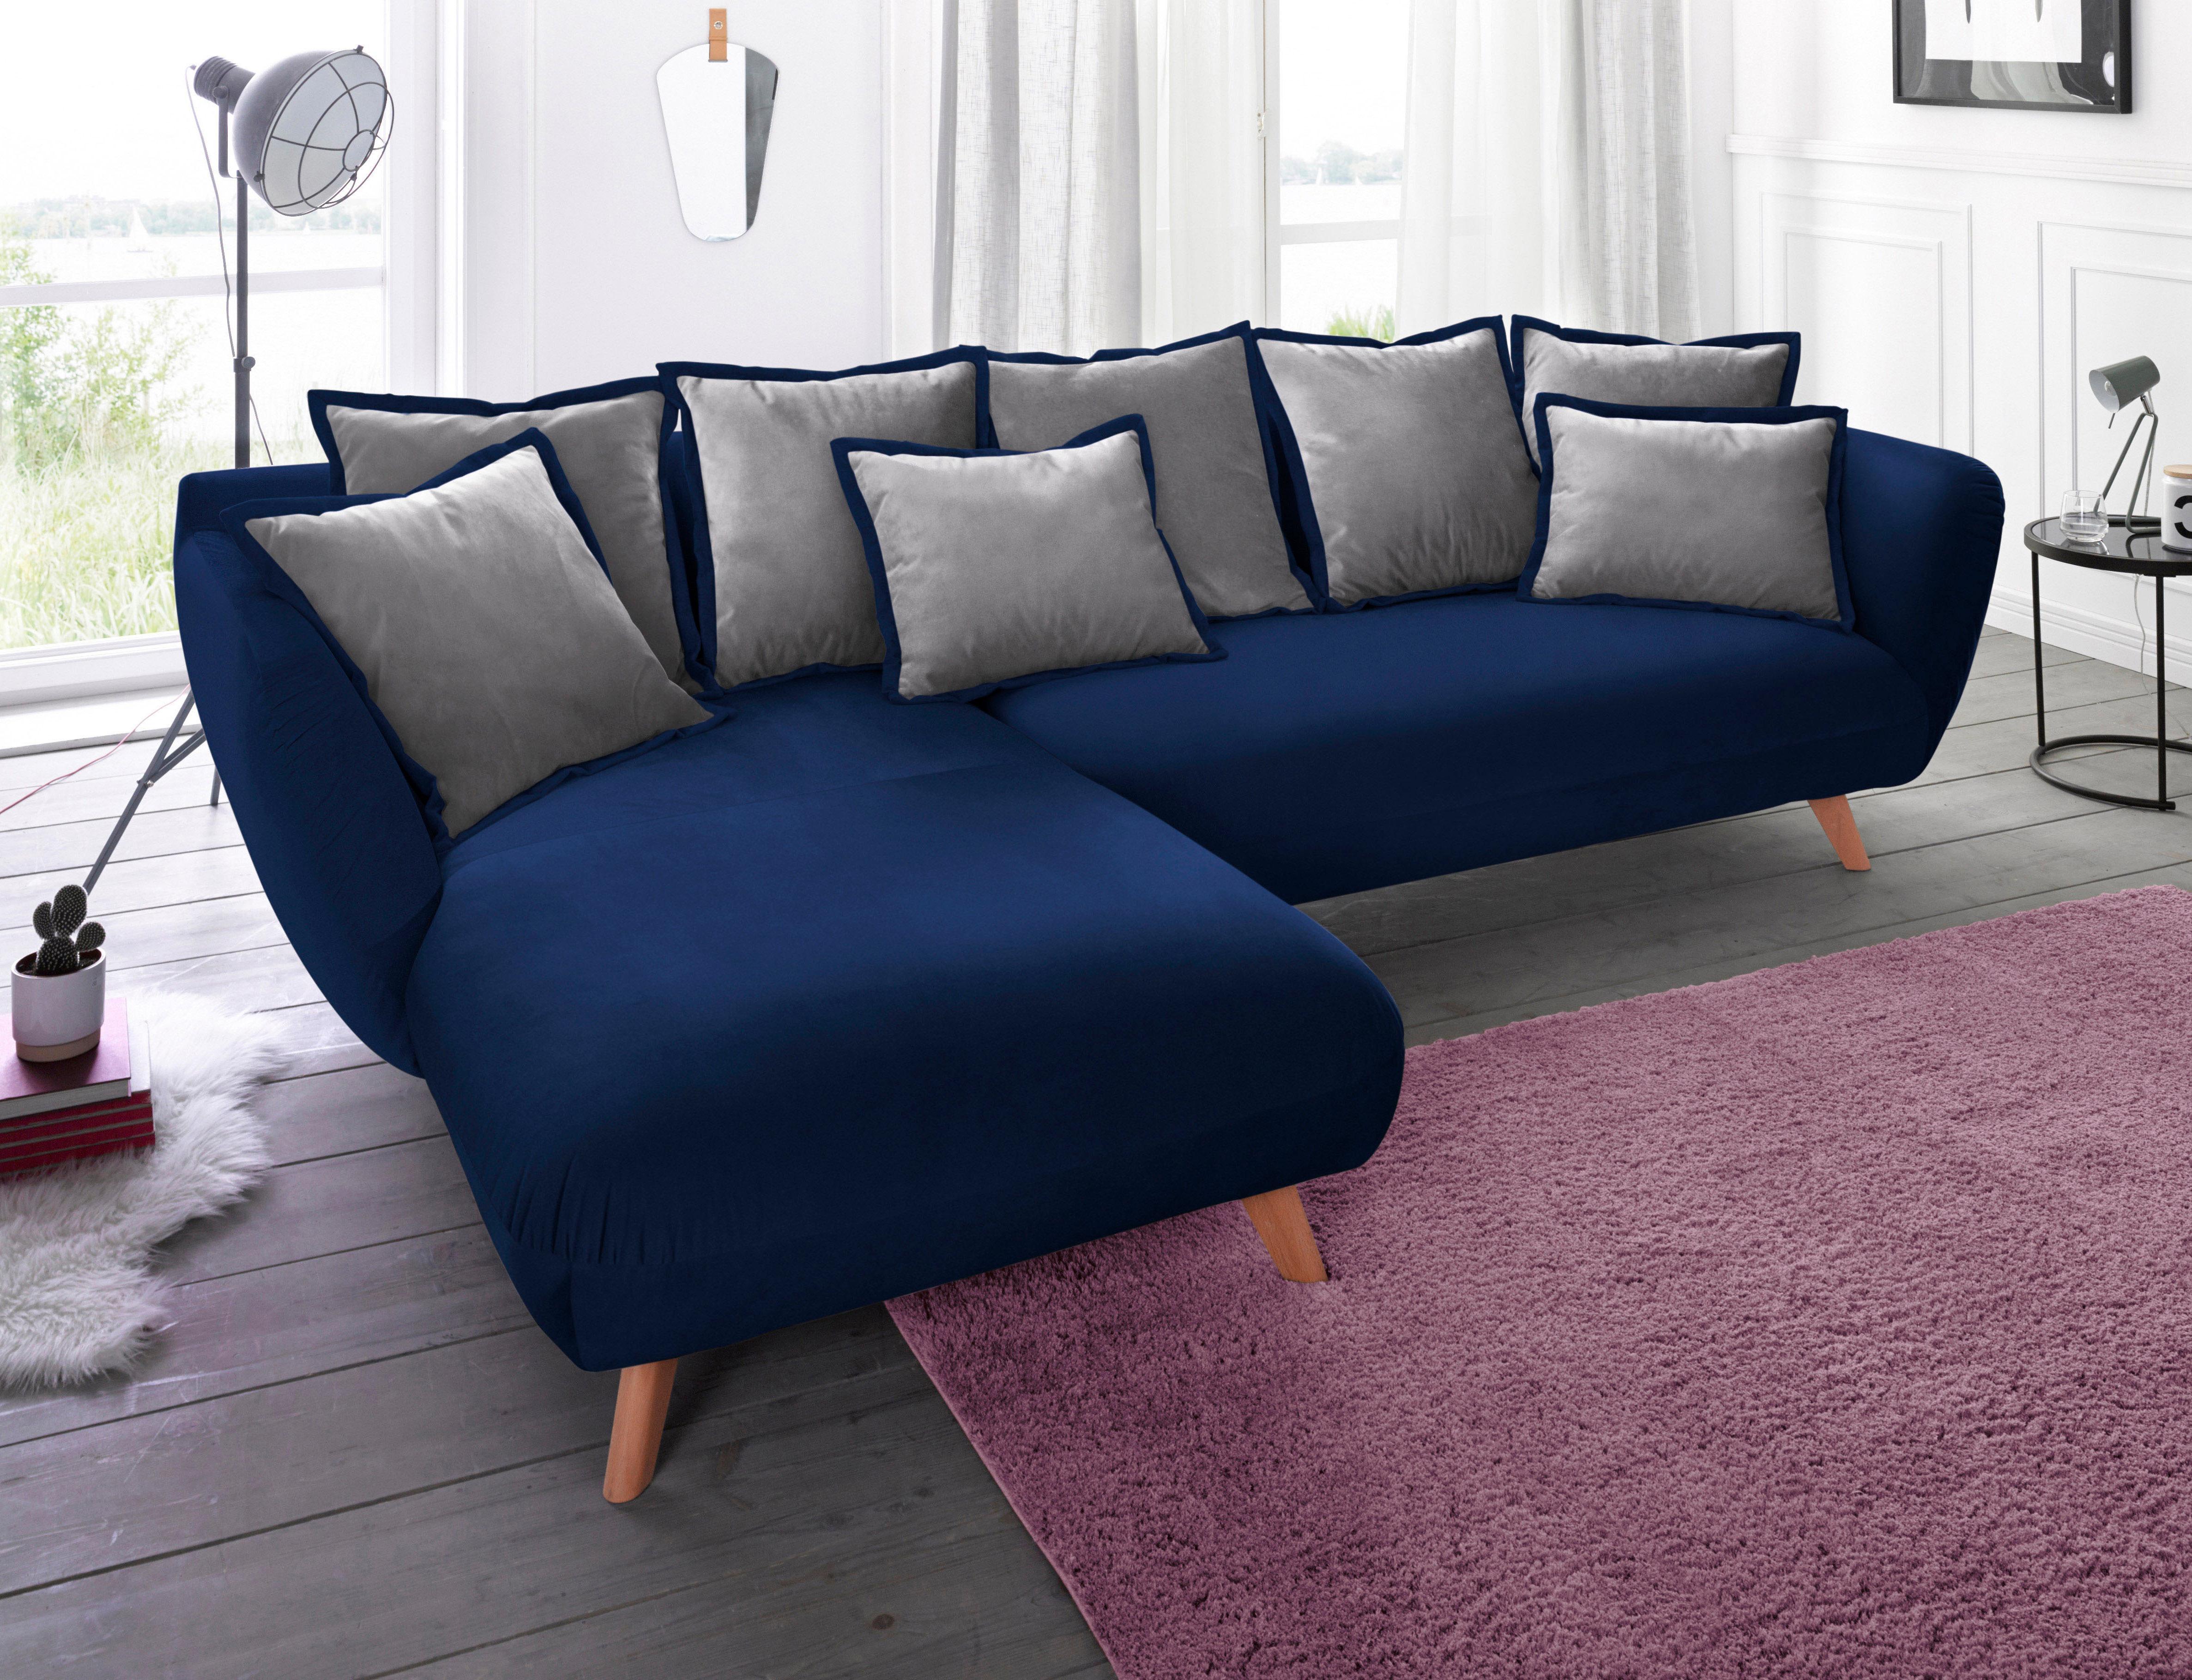 sofa auf rechnung kaufen trotz schufa ferienhaus dobbin. Black Bedroom Furniture Sets. Home Design Ideas